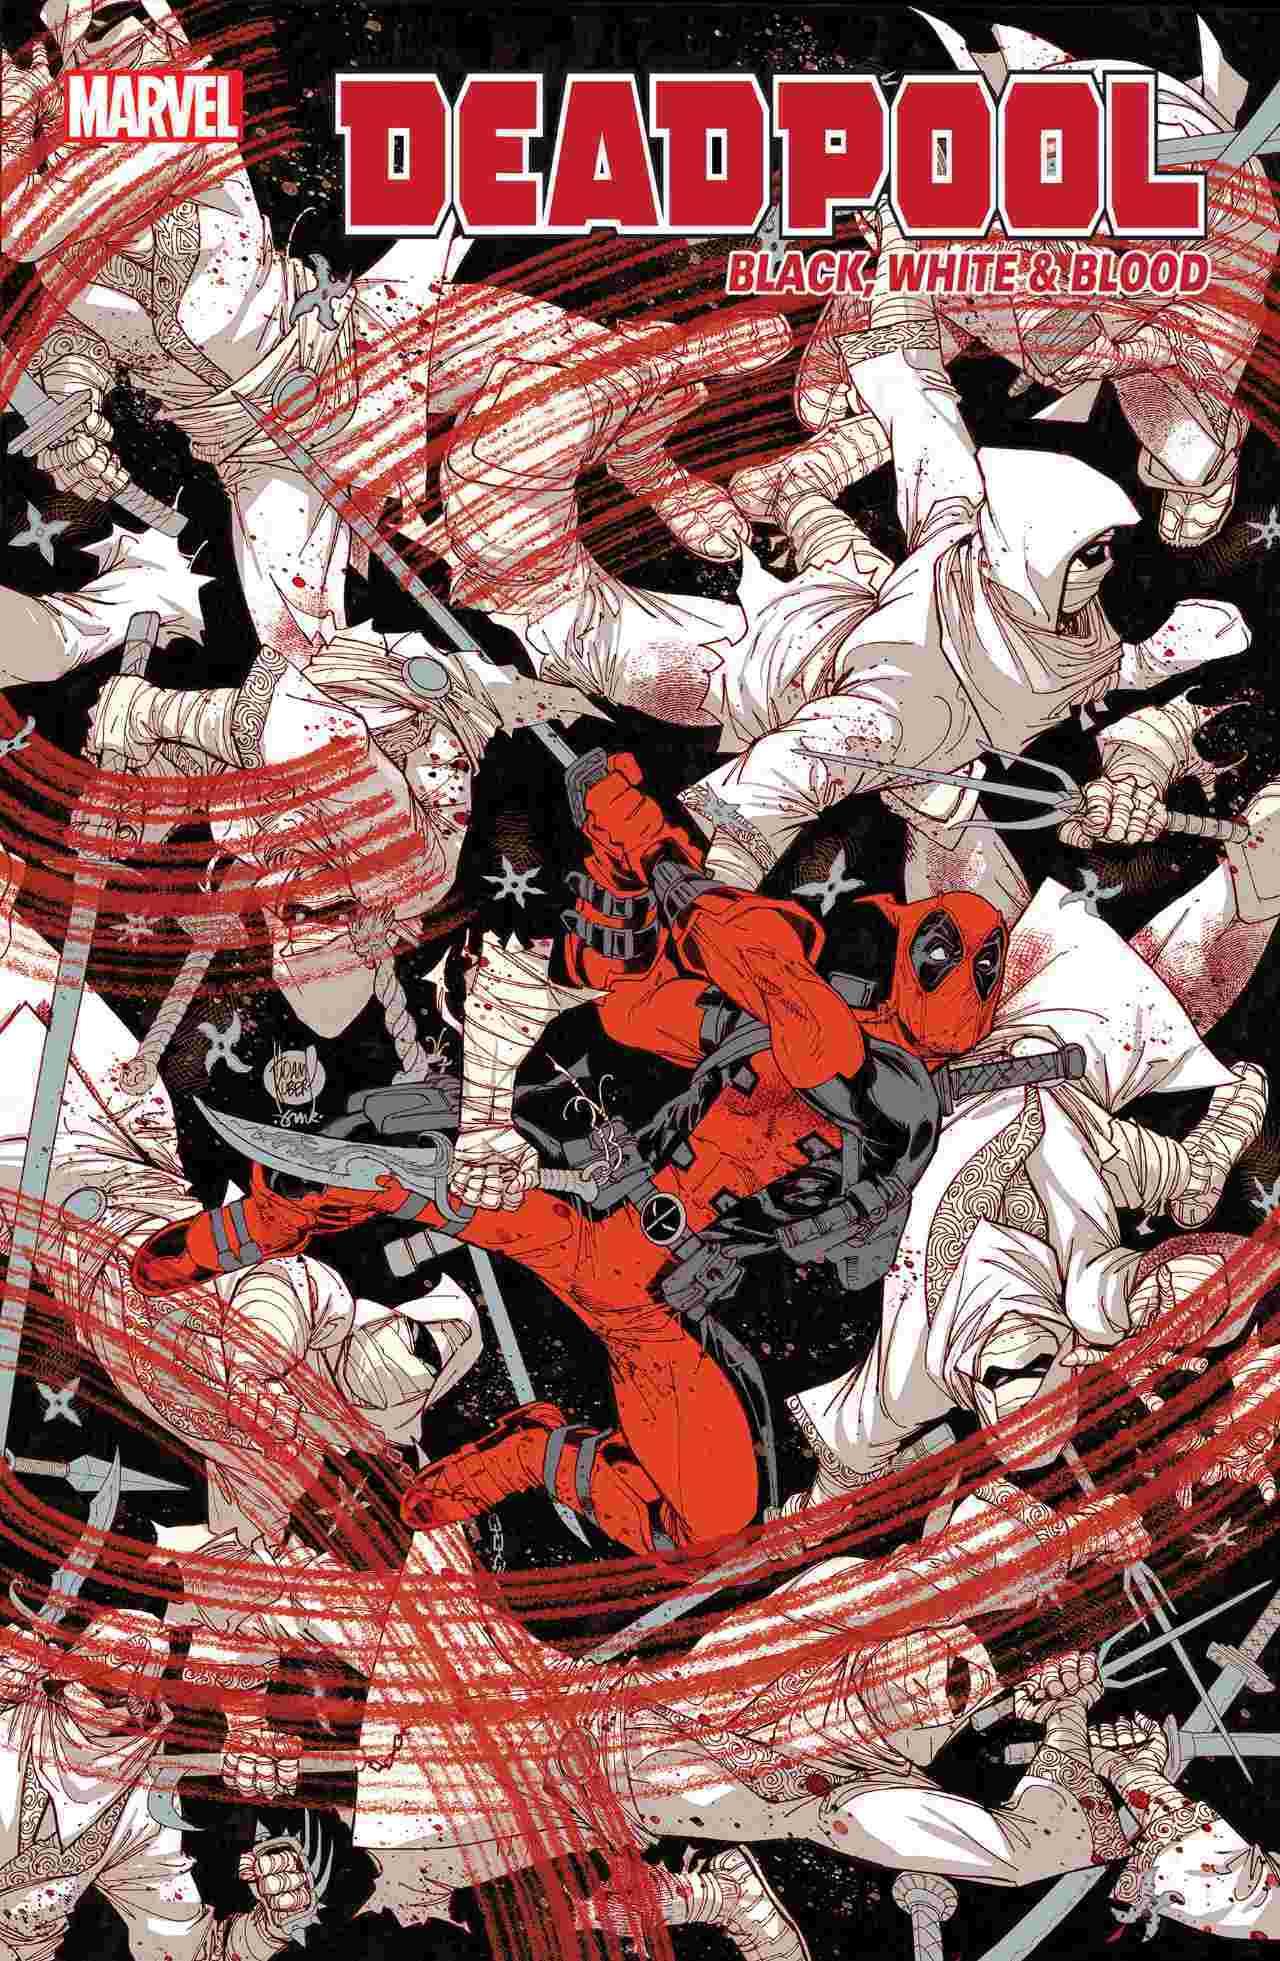 Deadpool Black White Blood 1